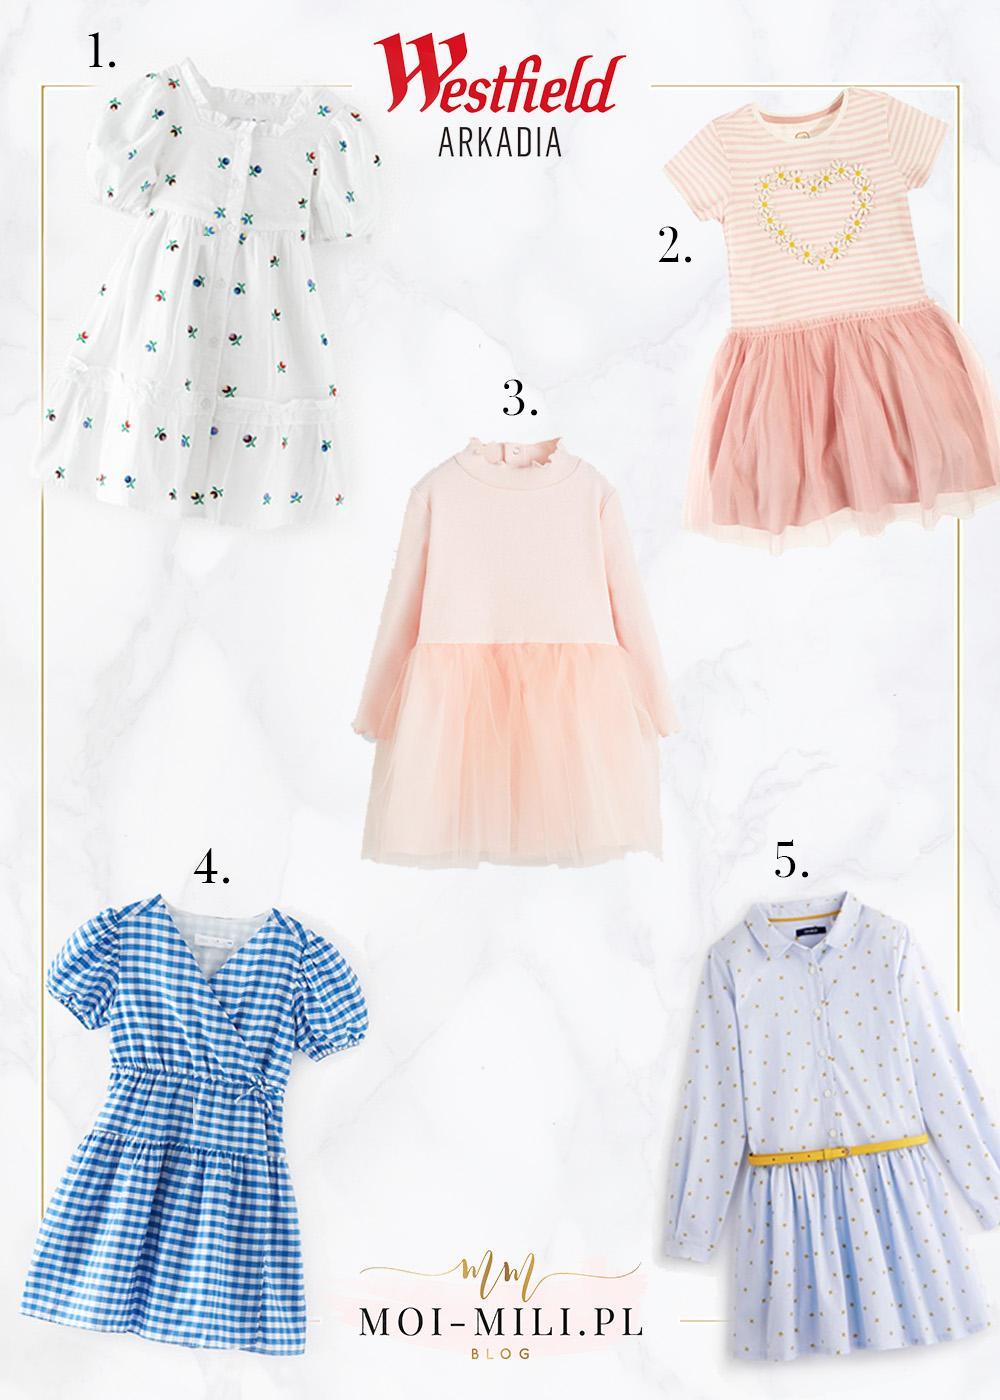 Wiosenne ubrania dla dzieci - zestawienie najpiękniejszych sukienek.